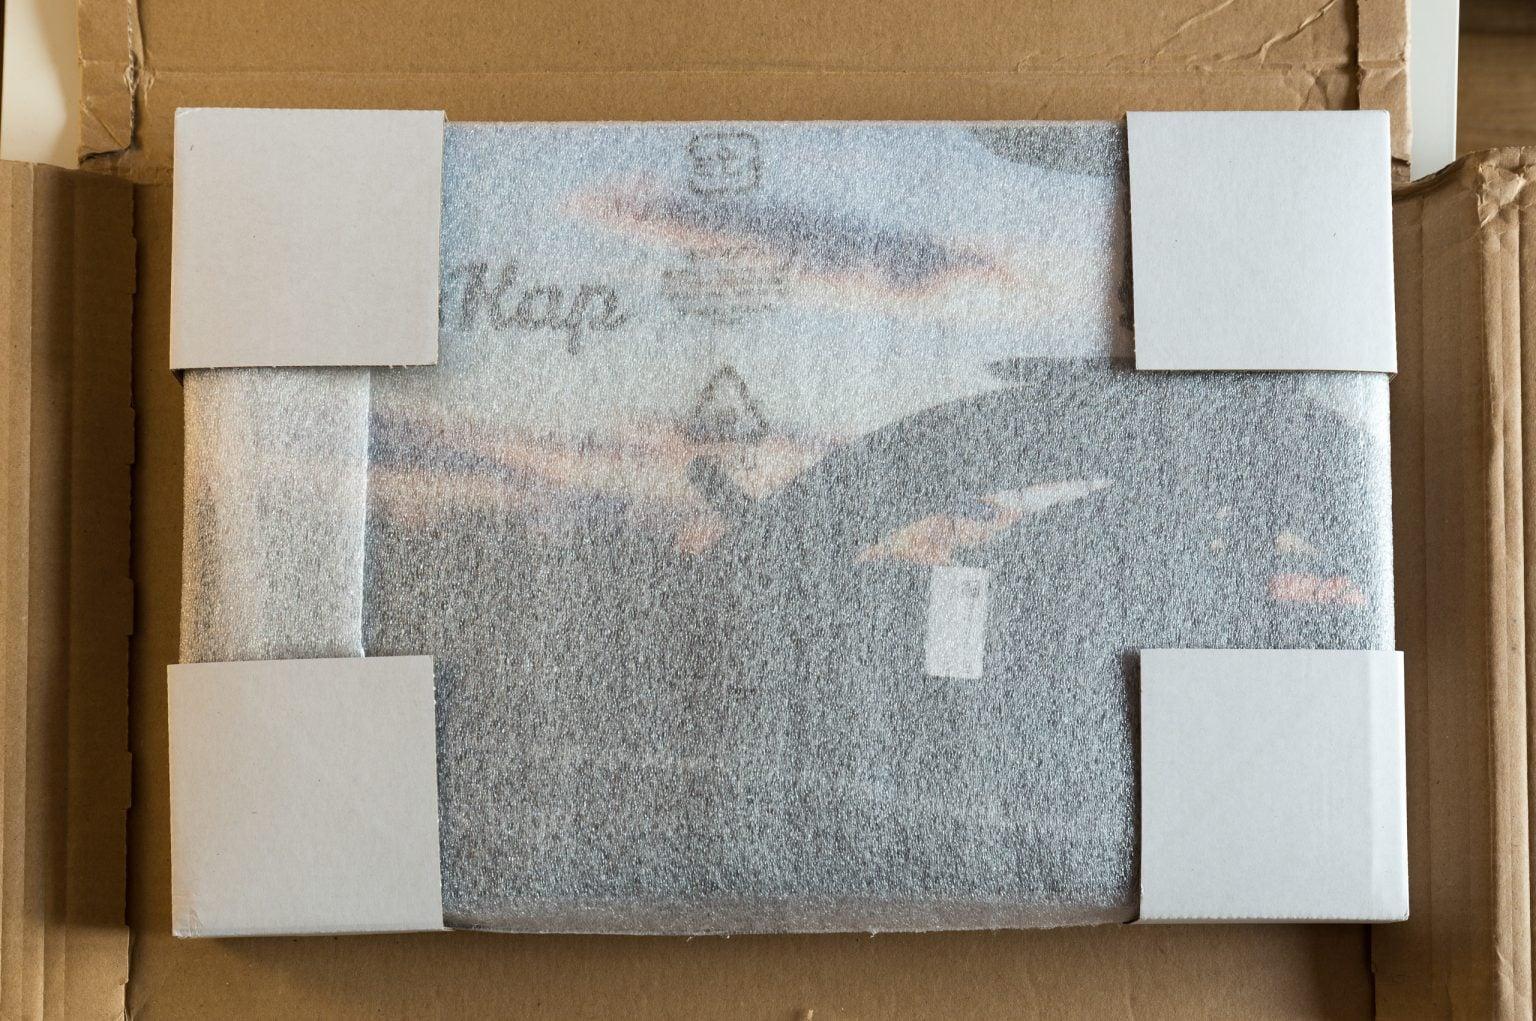 Zugeklapptes DIN-A3 Fotobuch mit der Vorderseite nach oben gerichtet in seiner Versandverpackung. Zum Schutz sind eine leichte Polsterhülle sowie Eckenschoner am Buch angebracht